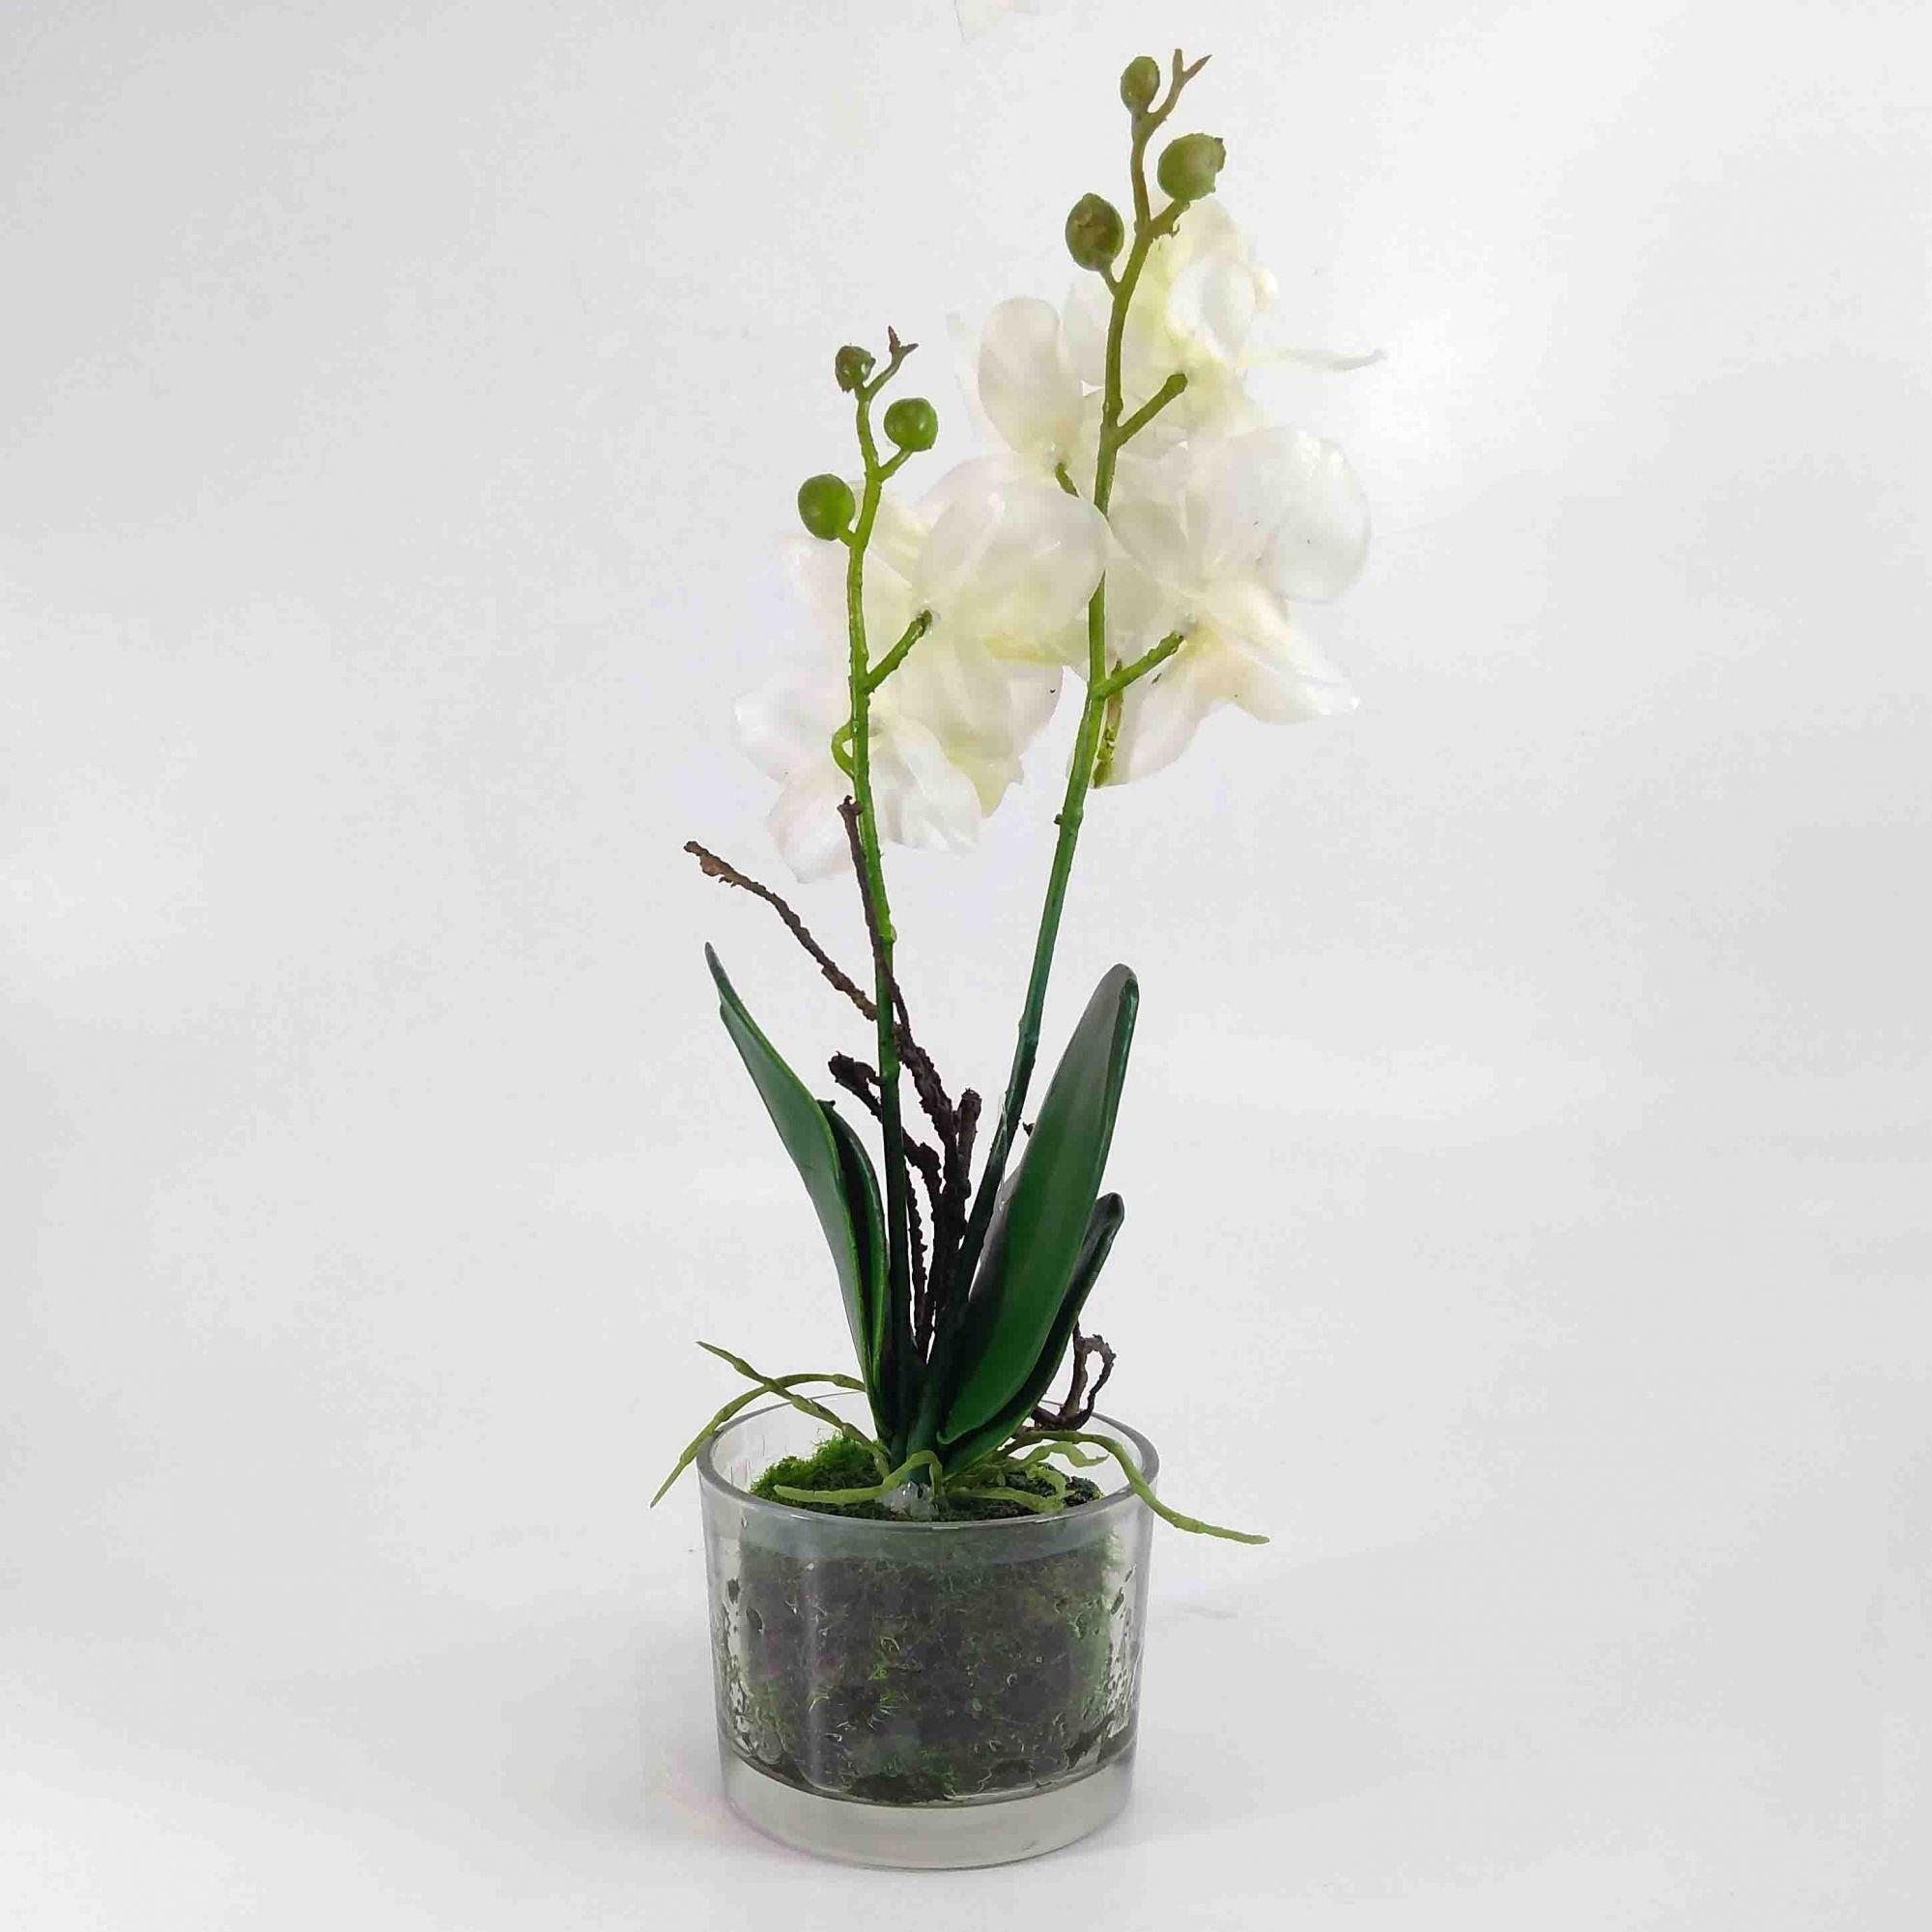 Flor Orquidea Phalaenopsis X5 Cor Branca C/ Vaso Artificial Permanente 25CM 36679-002